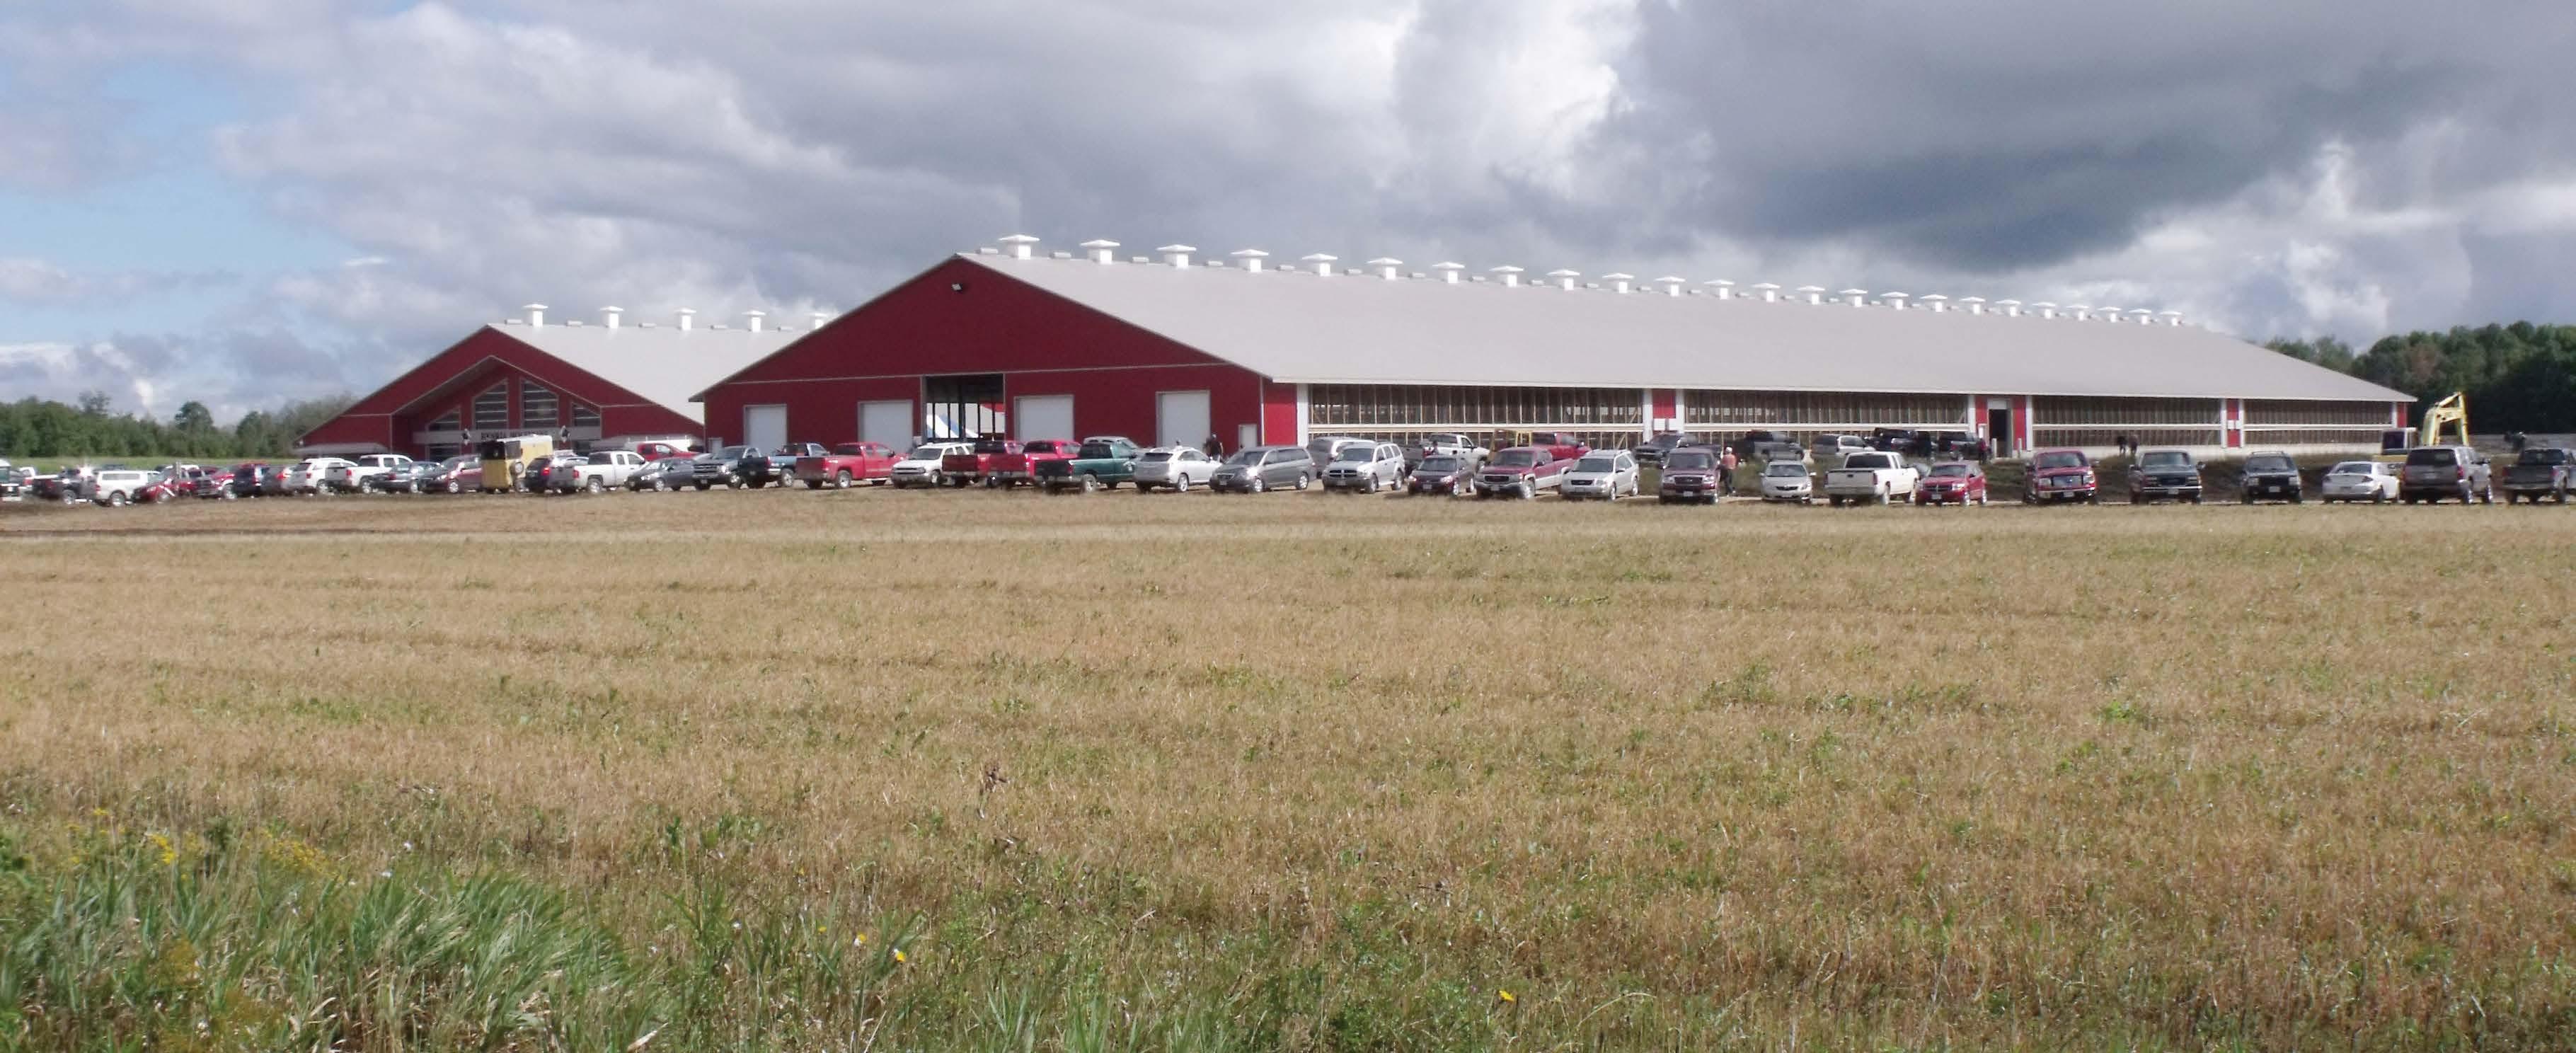 September2010newbarn